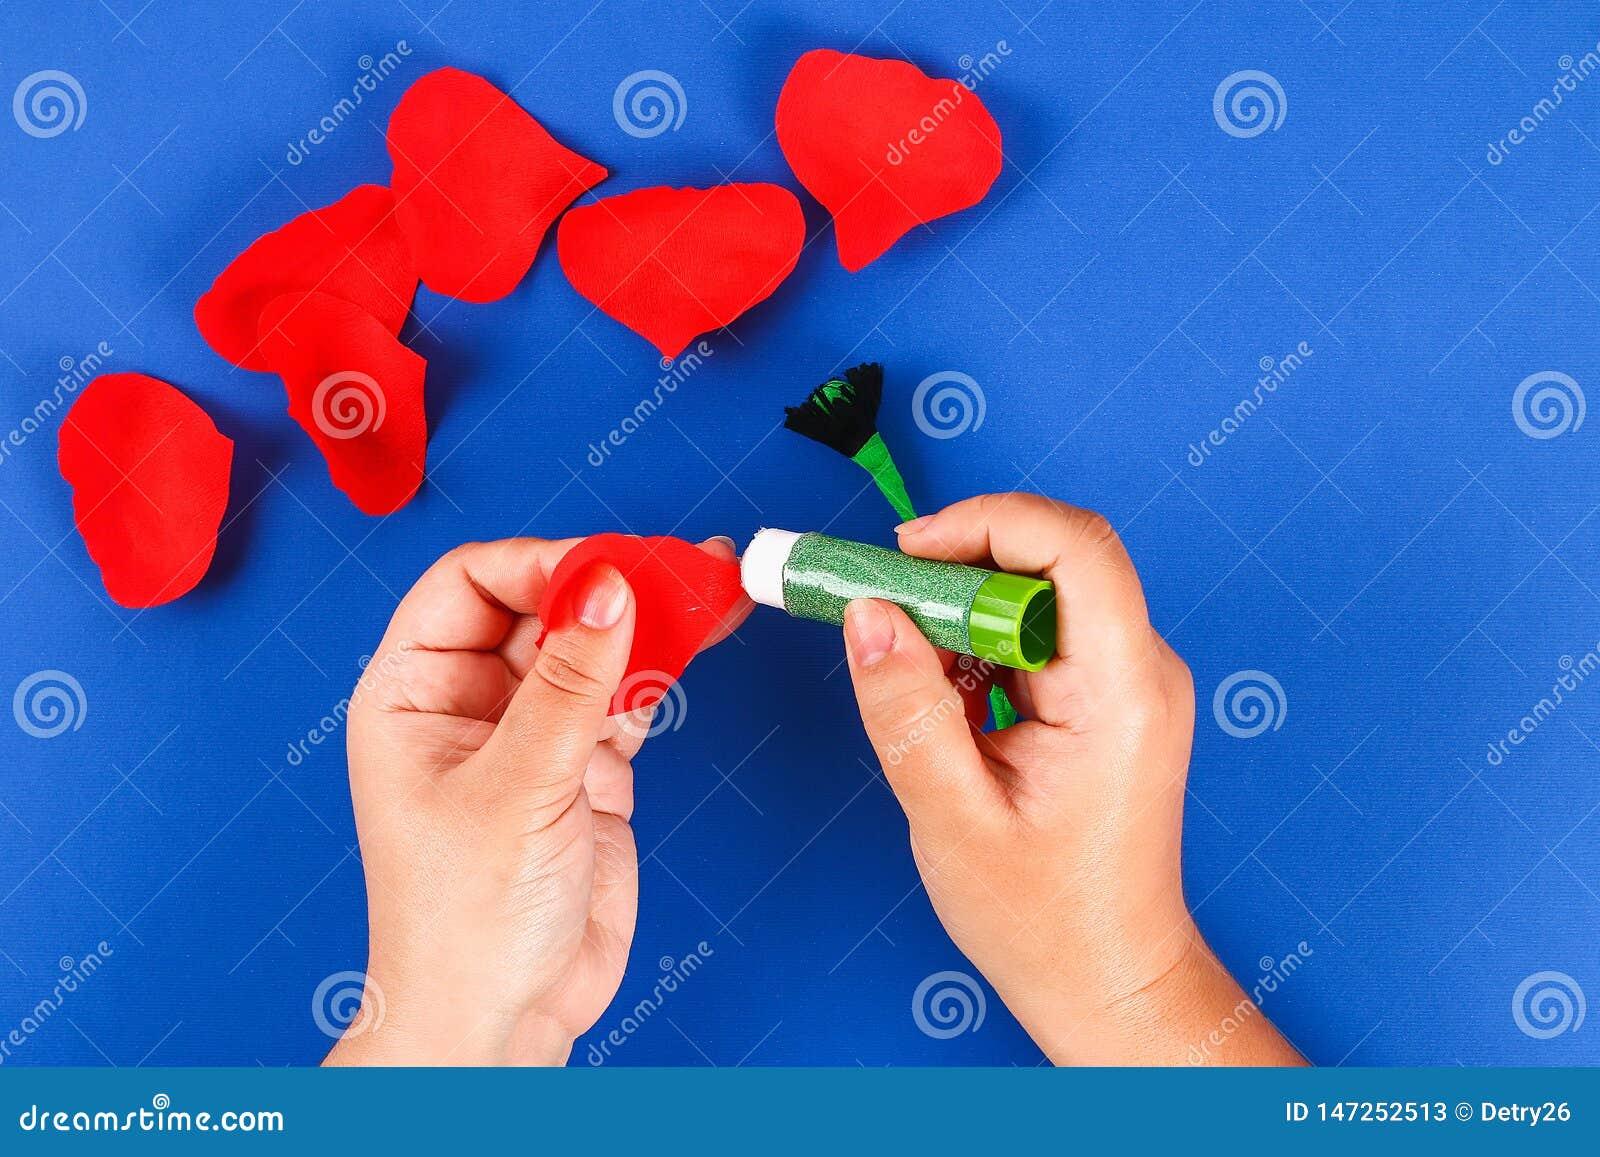 Rote Mohnblume Anzac Day, Erinnerung Diy-Papiers, erinnern sich, Volkstrauertagkrepppapier auf blauem Hintergrund